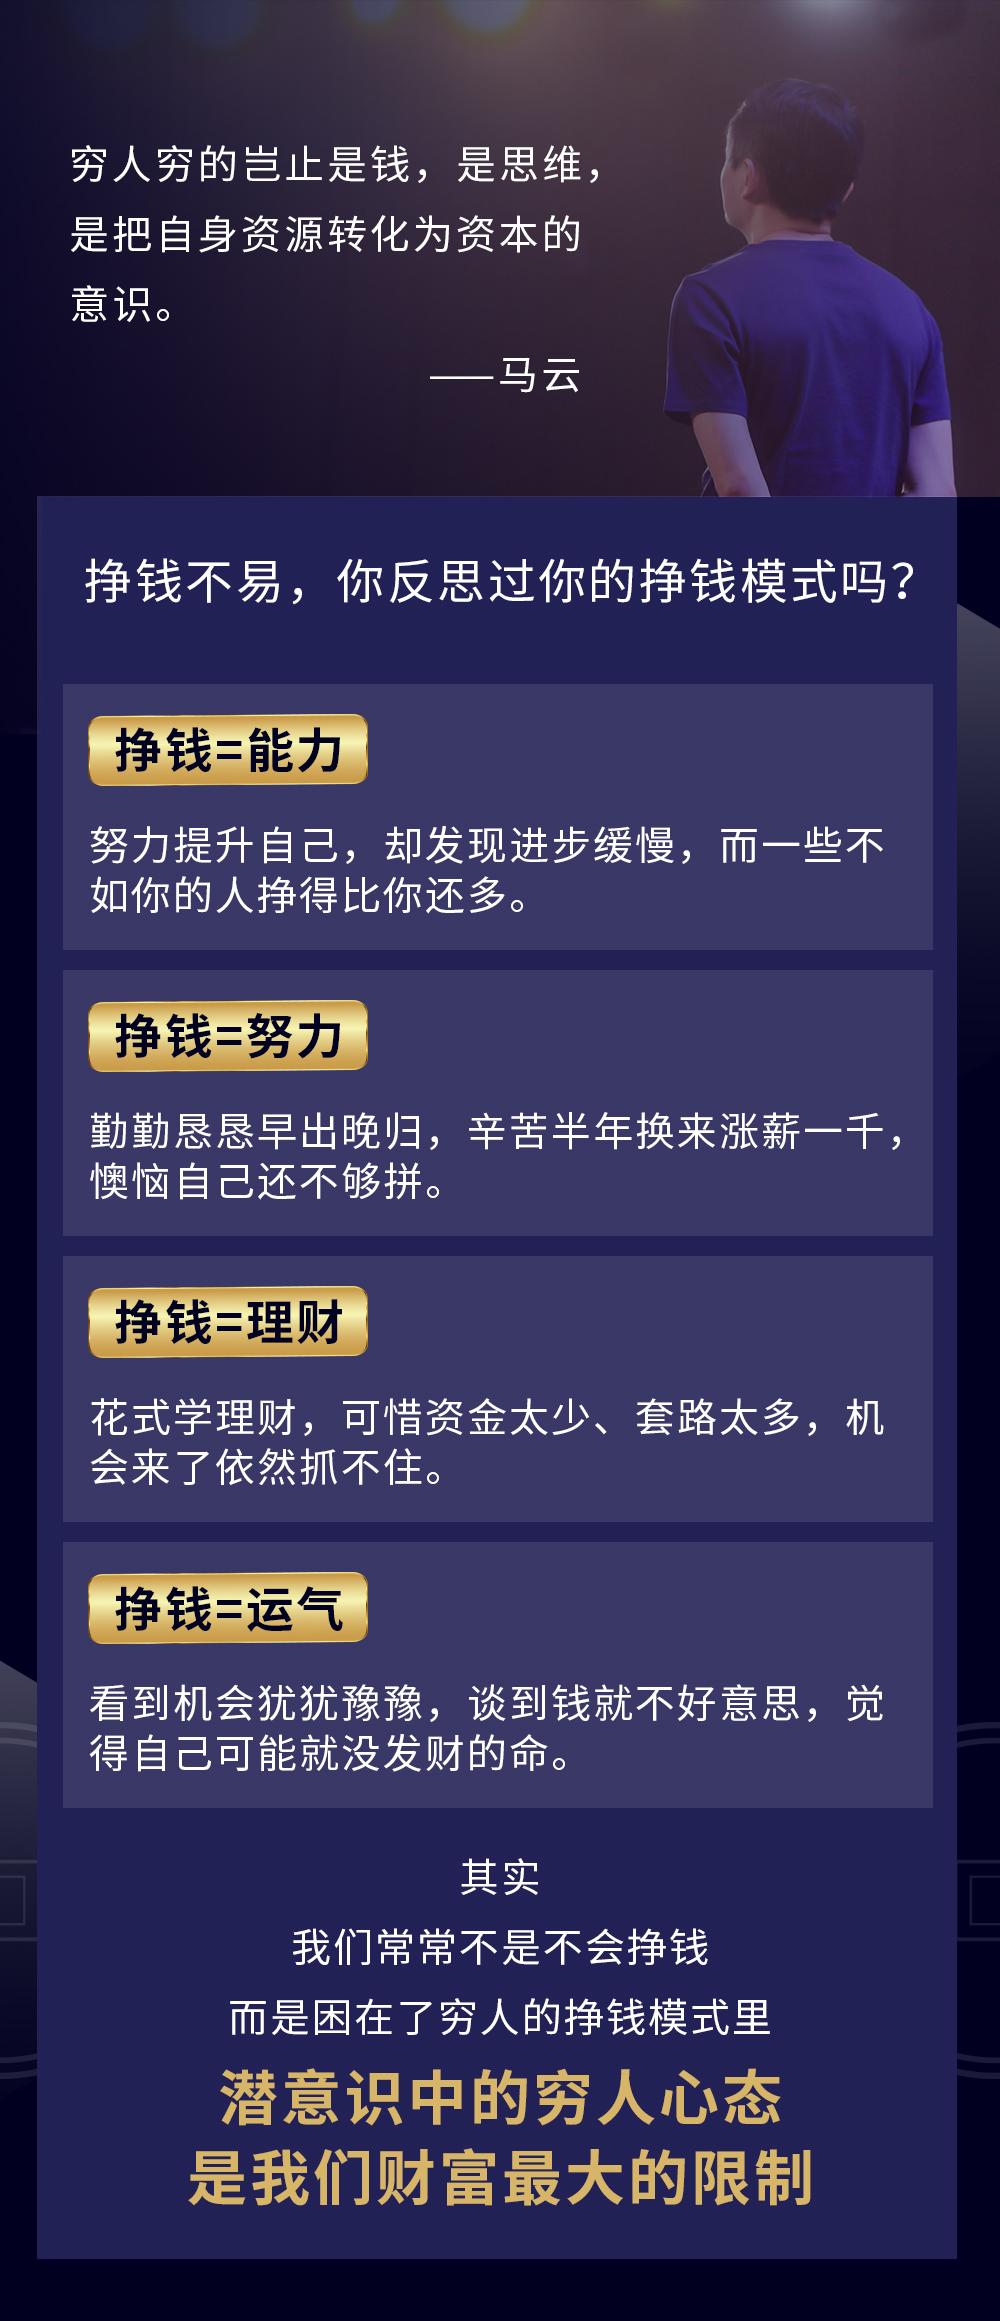 财商课-修改版_01.jpg